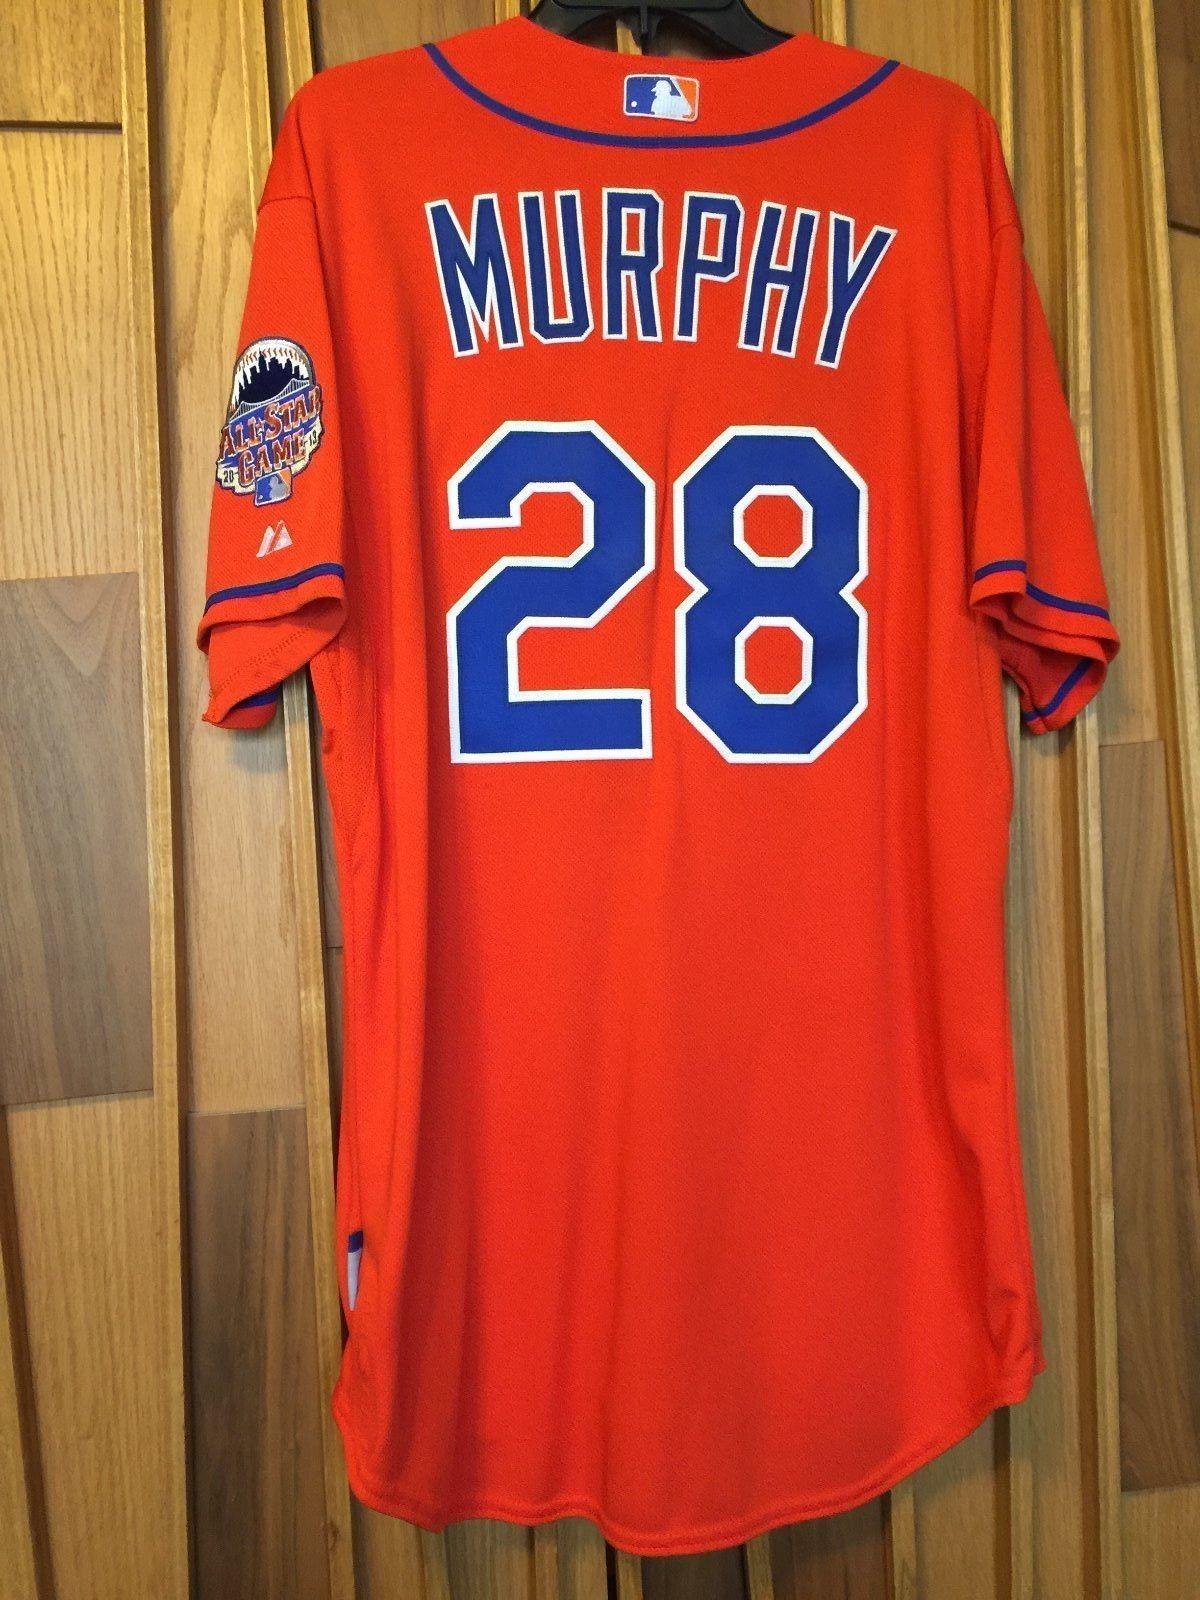 murphy jersey